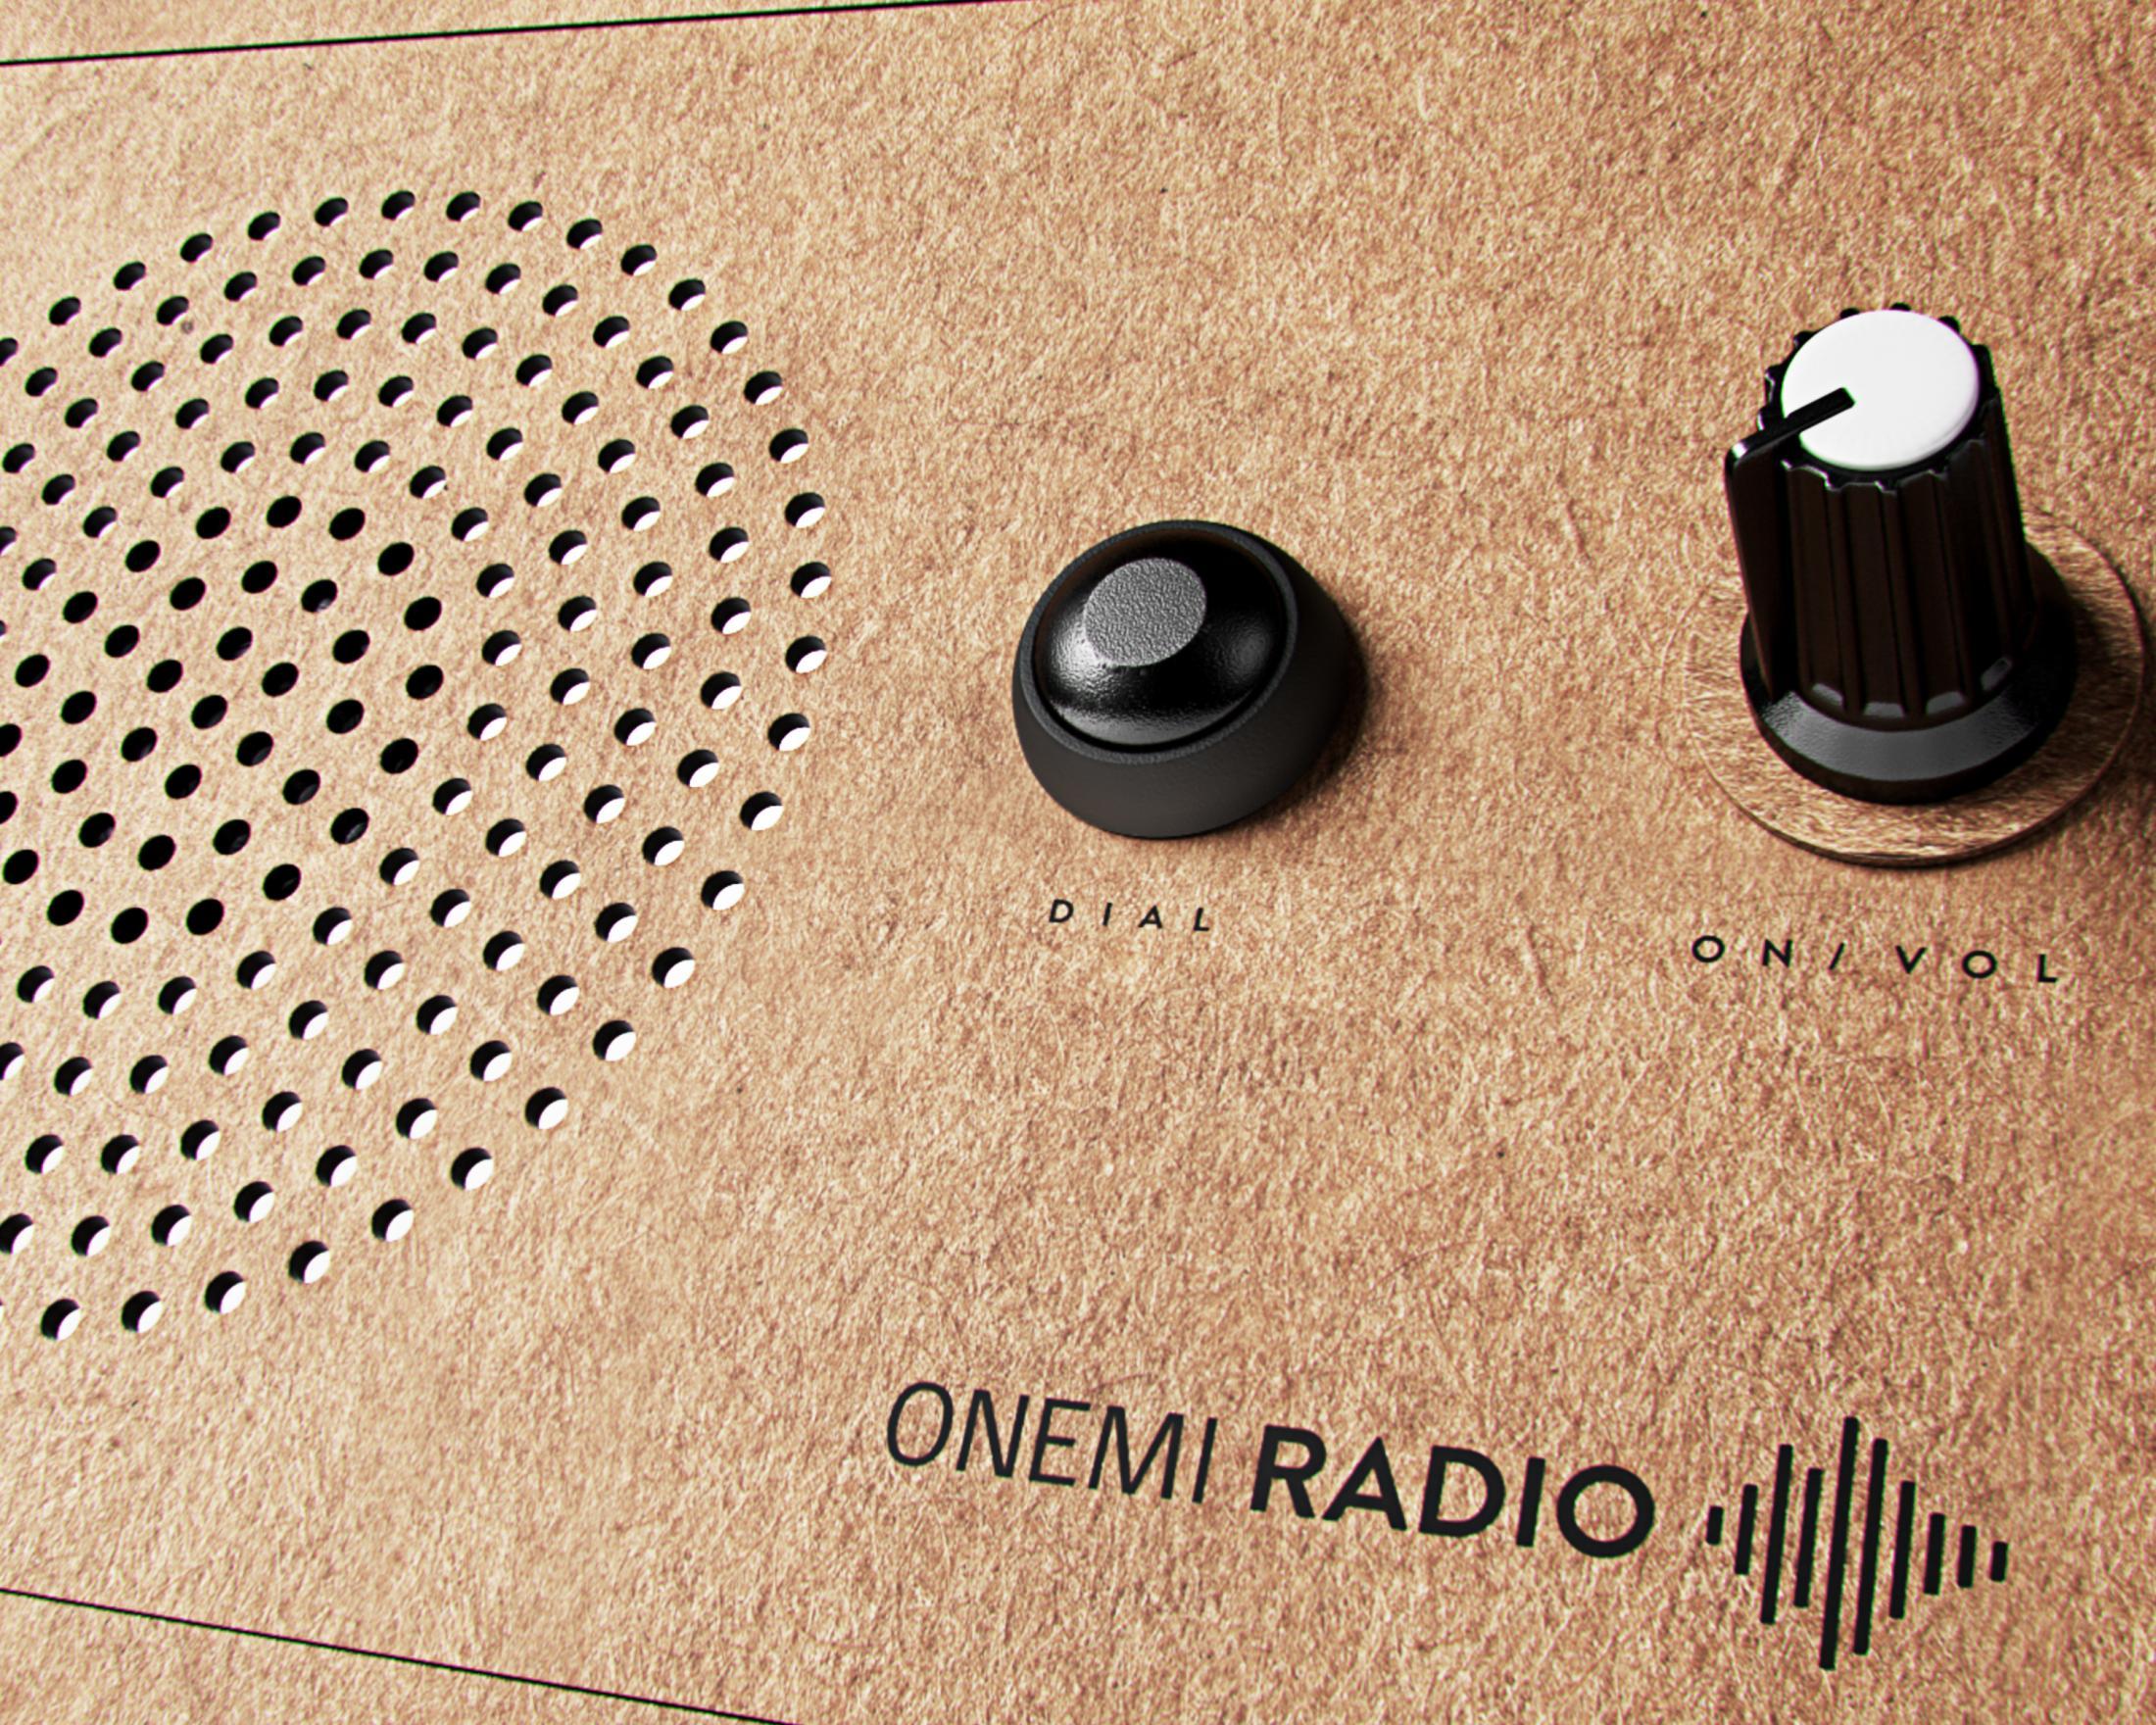 Thumbnail for ONEMI Radio